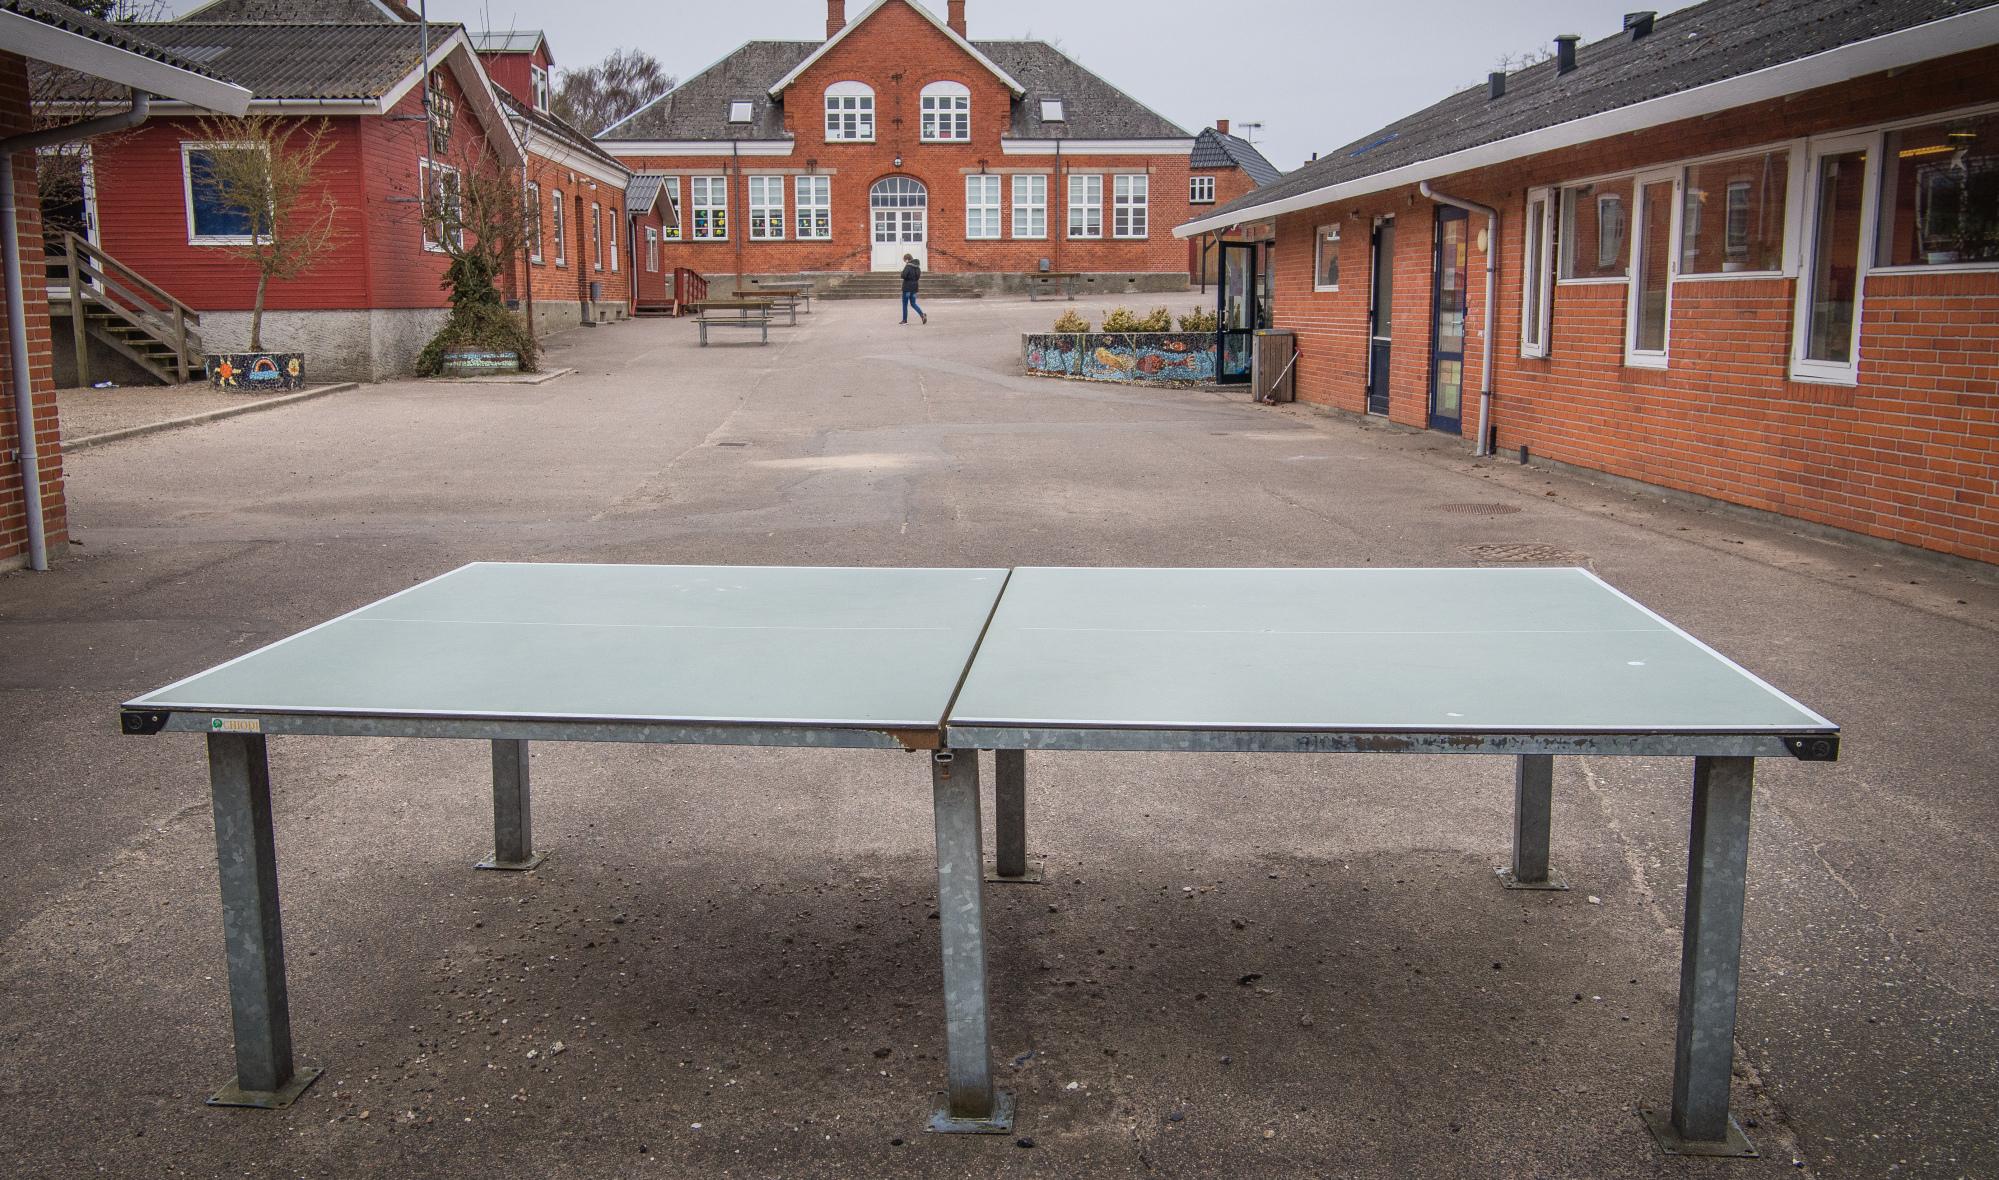 Potentiel skolelukning deler vandene: Ja, skolen i Als er mere værd, men...